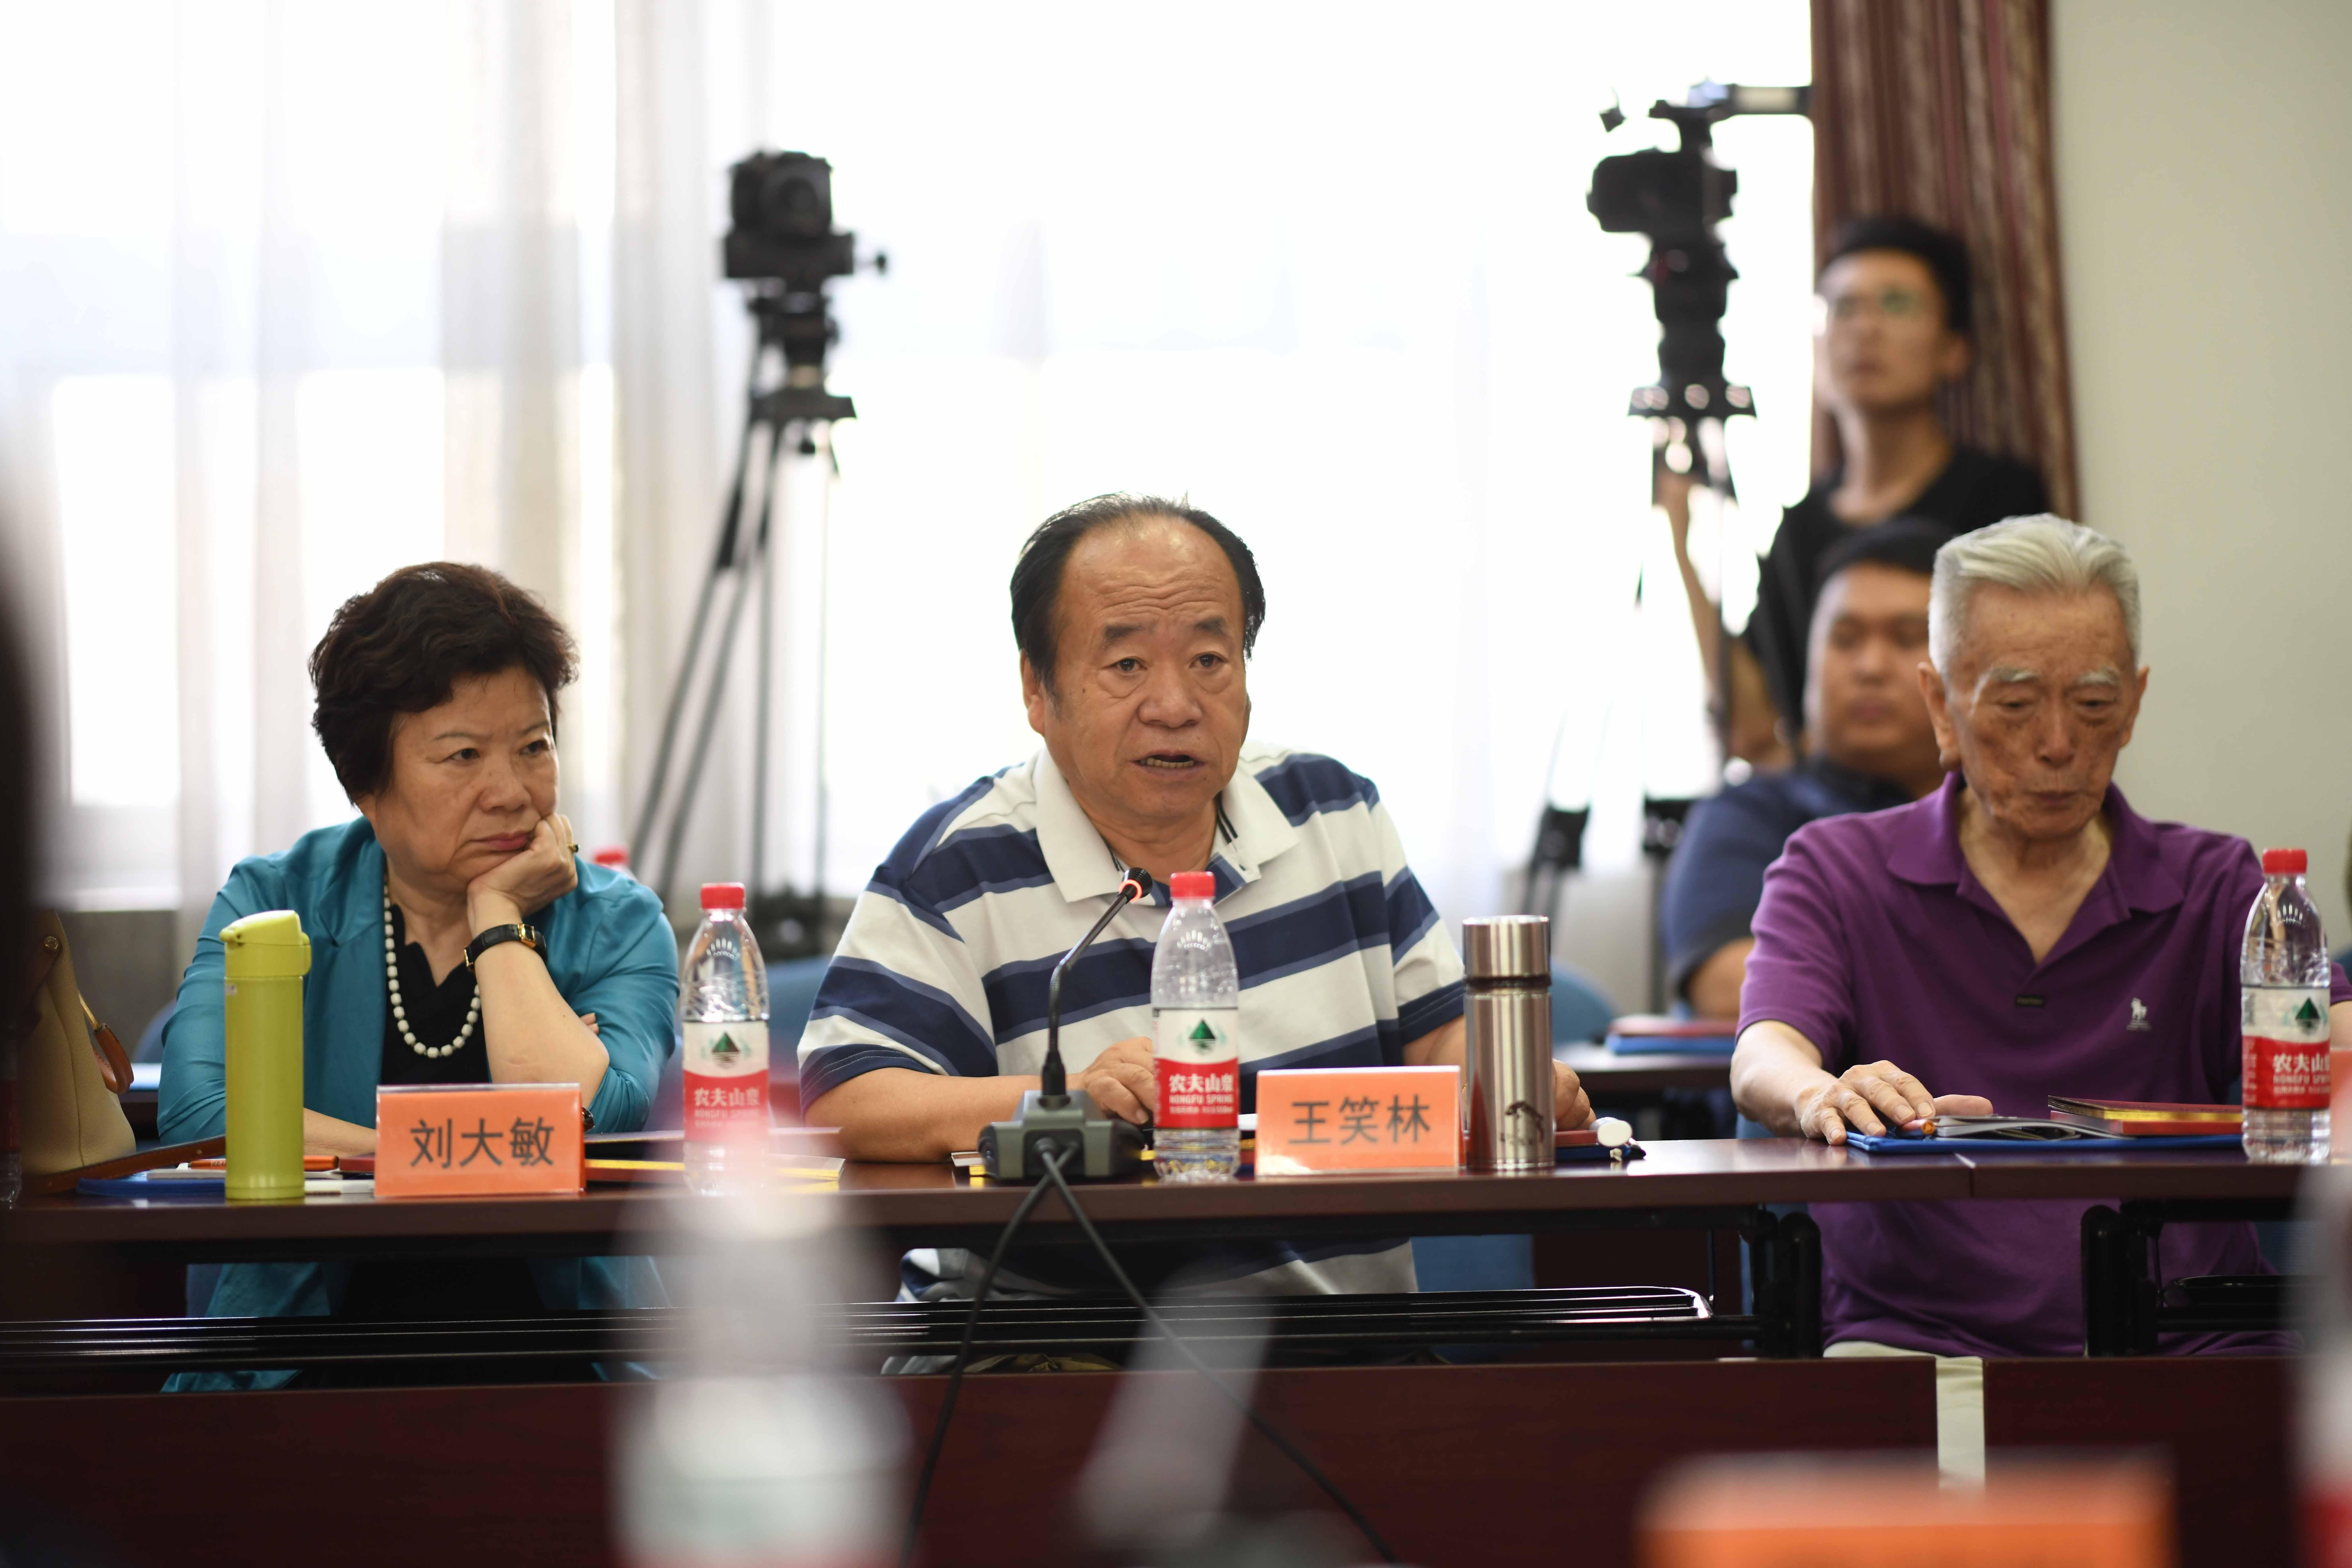 王笑林:艺术水准已经达到炉火纯青,受到专家好评是当之无愧